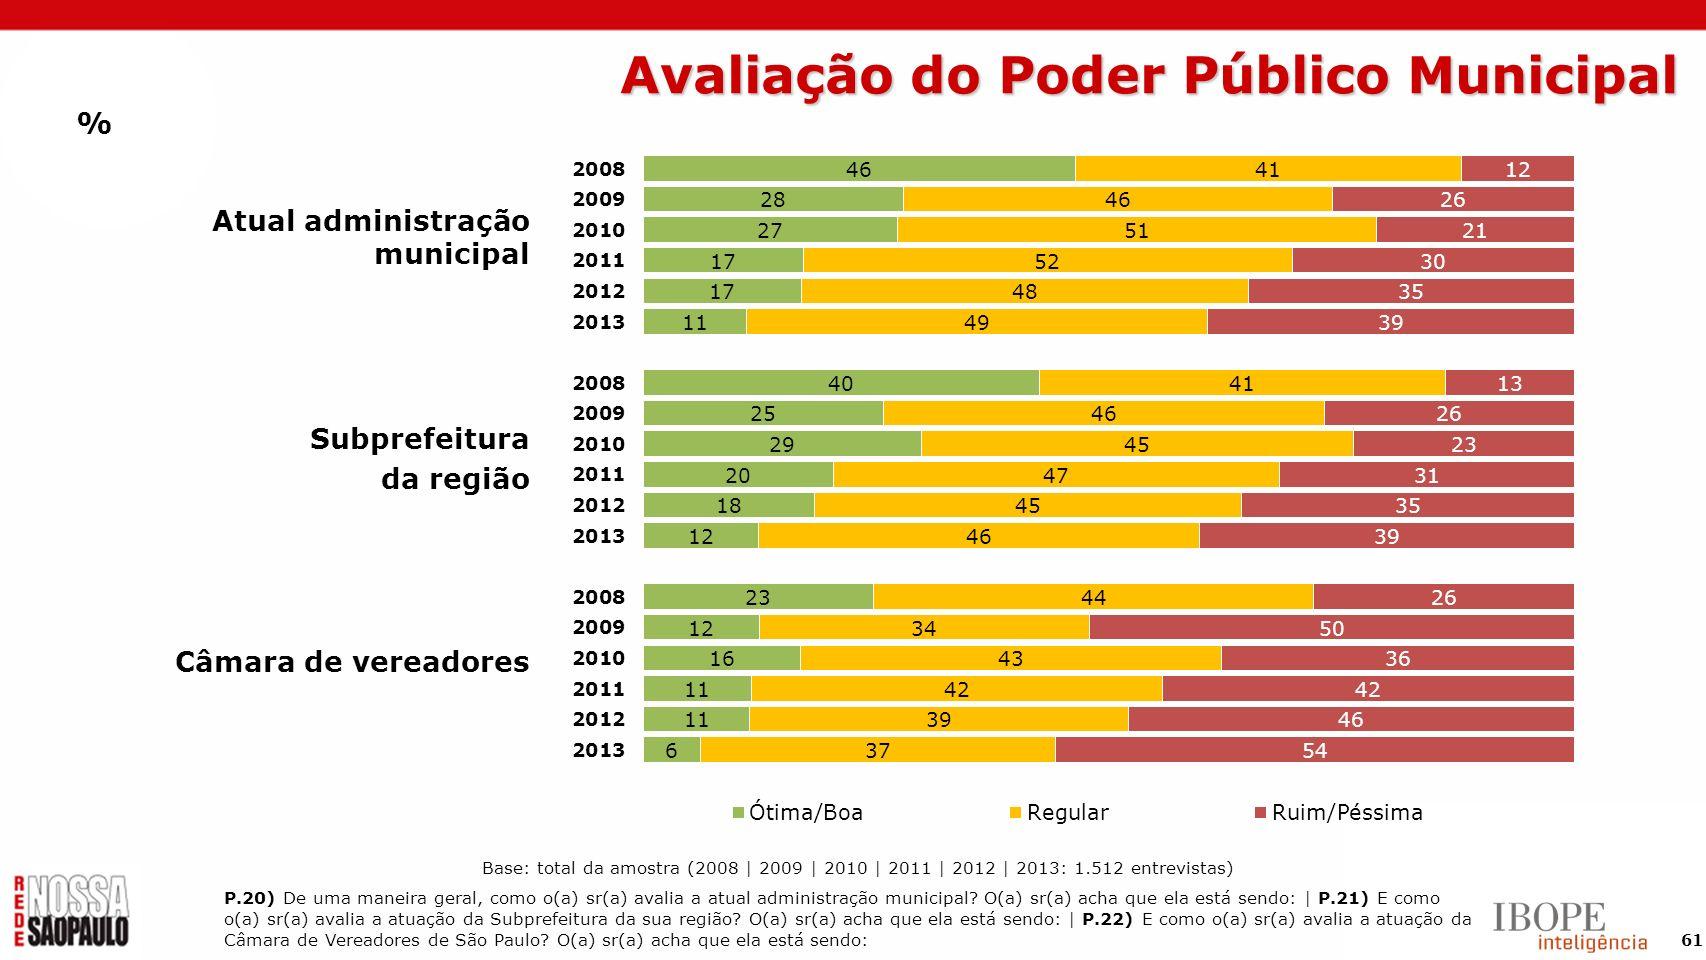 Avaliação do Poder Público Municipal